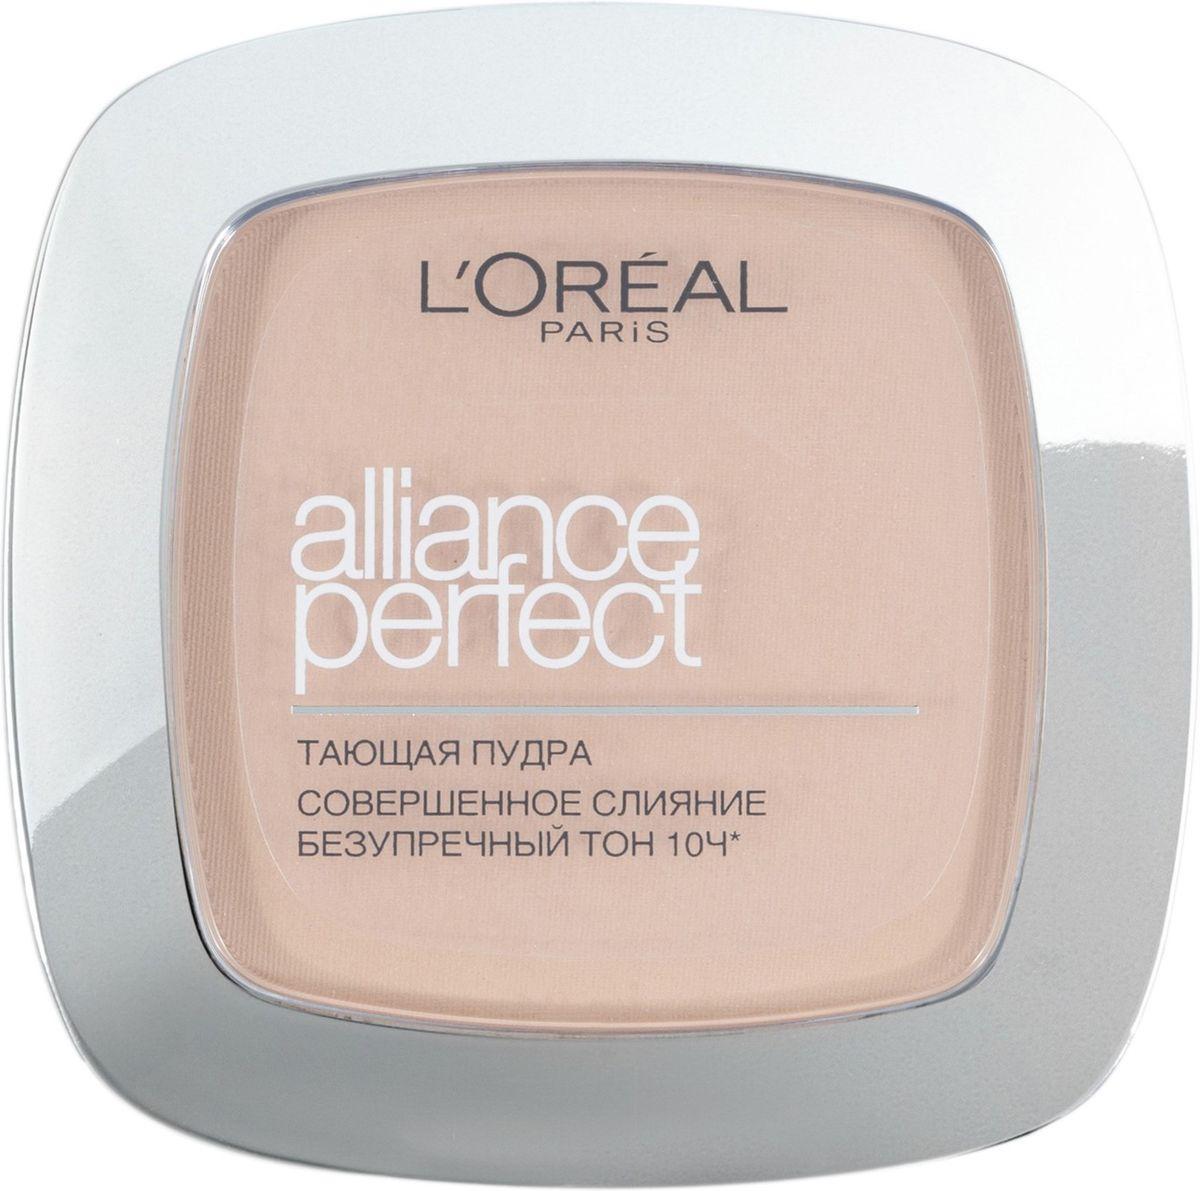 L'Oreal Paris Пудра Alliance Perfect, Совершенное слияние, выравнивающая и увлажняющая, оттенок R2, Ванильно-розовый, 9 г alliance 324 9 5 32 tt